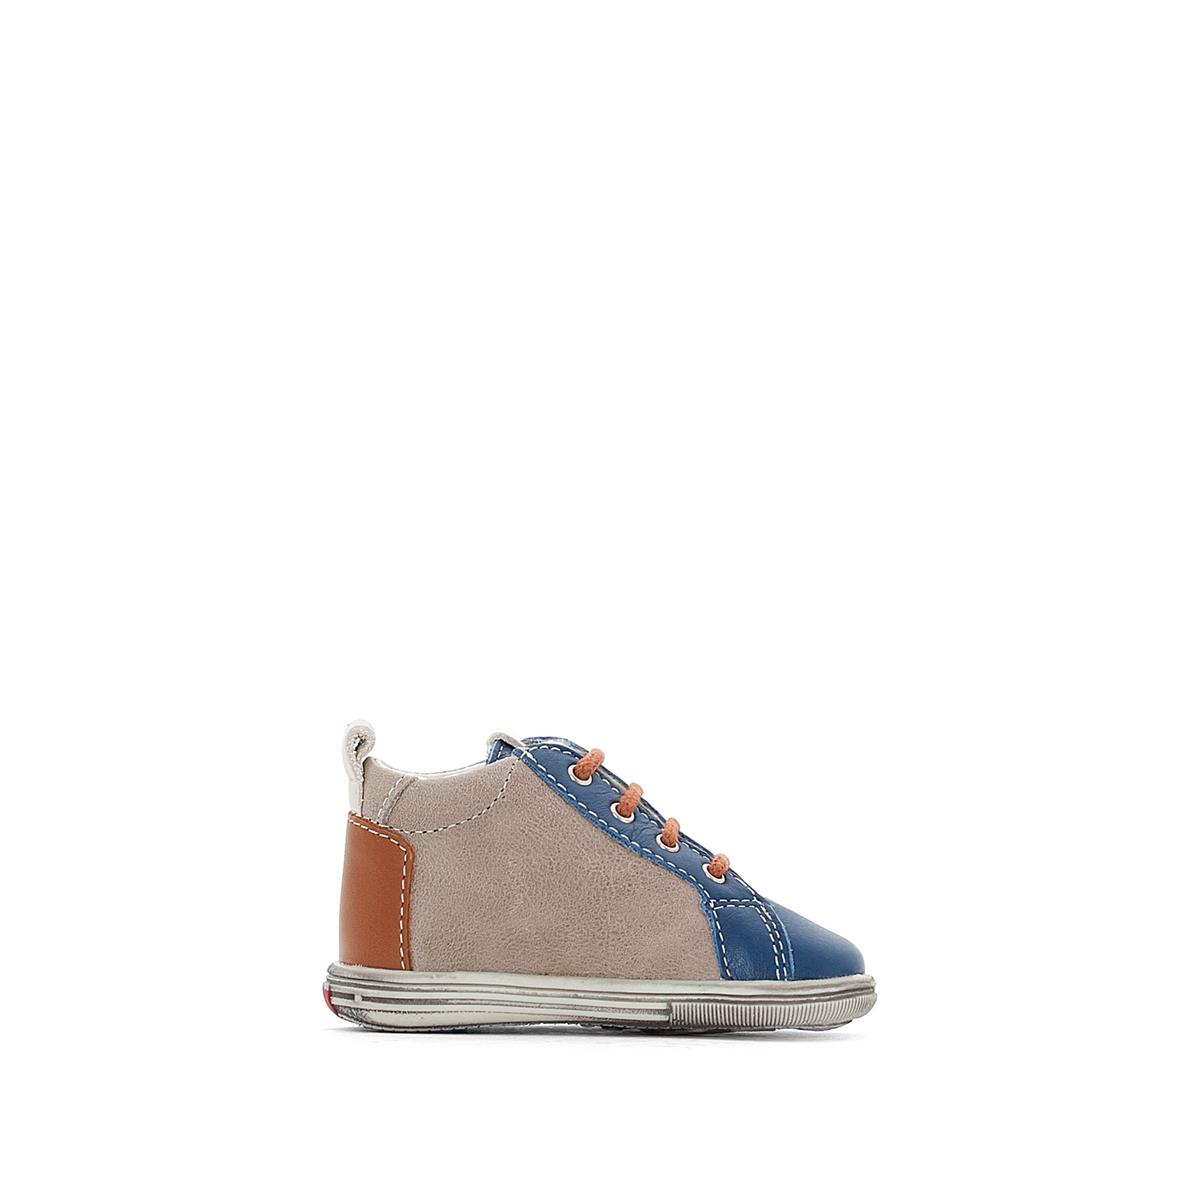 Ботинки из кожи ZALFA bopy bopy сапоги утепленные синие